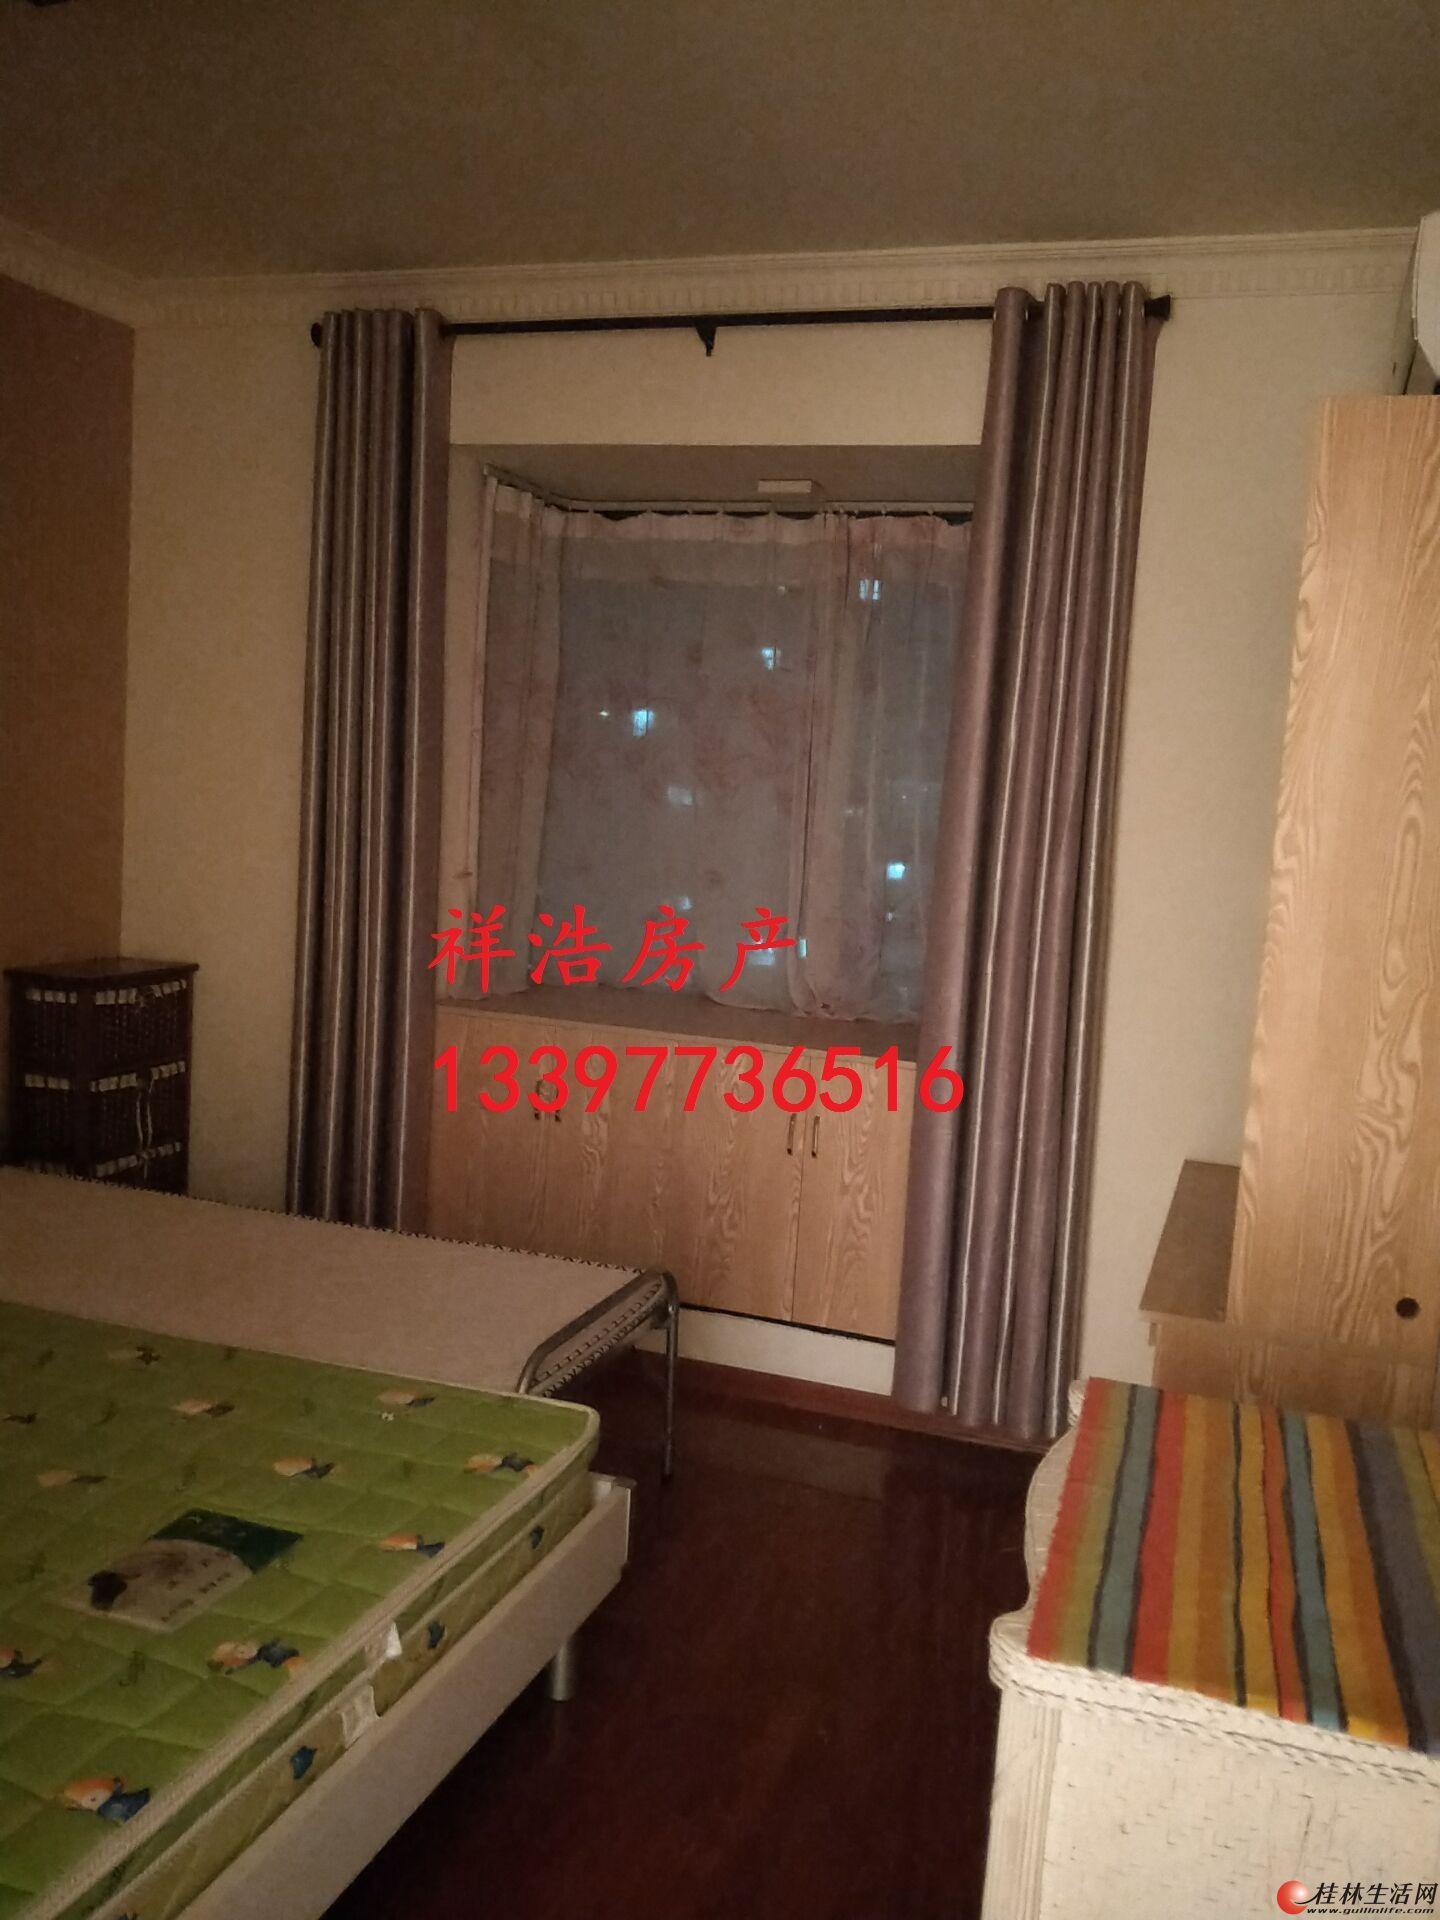 出租,毅峰路世纪新城,3房2厅2卫,147平米,电梯10楼,3500元/月,精装修